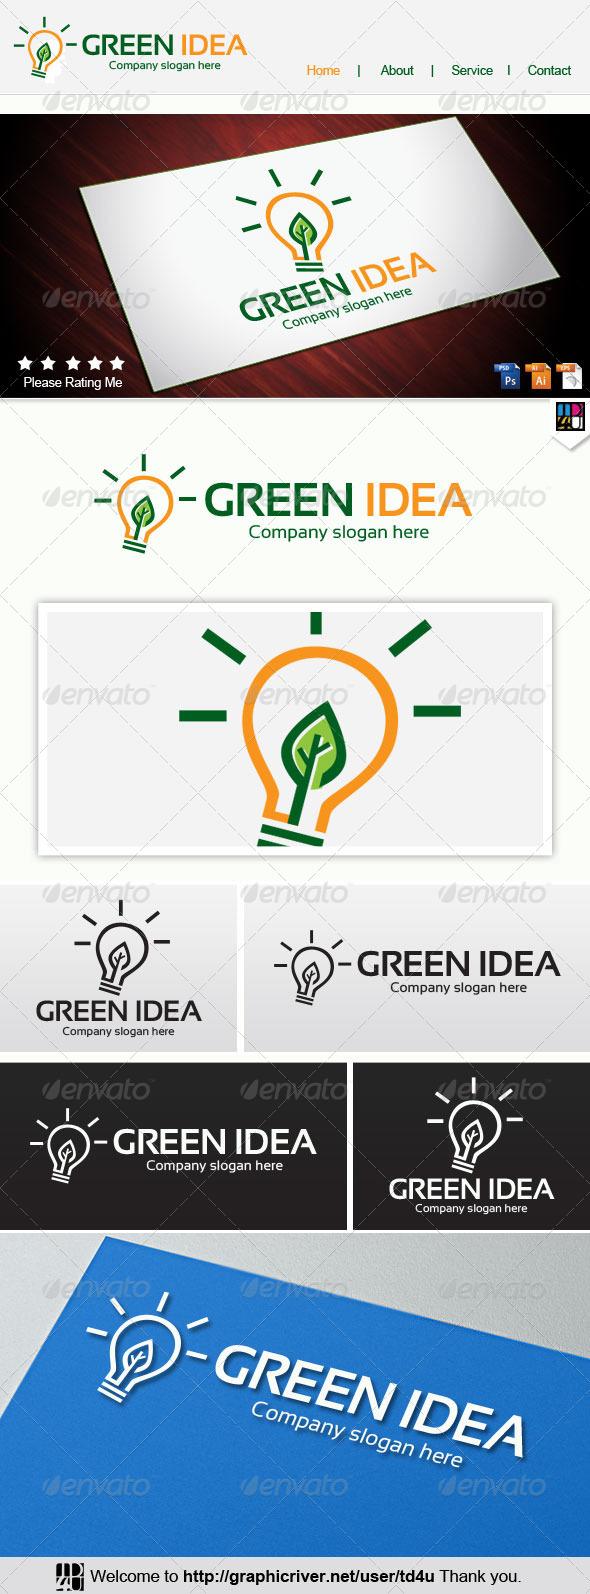 GraphicRiver Green Idea 8068977